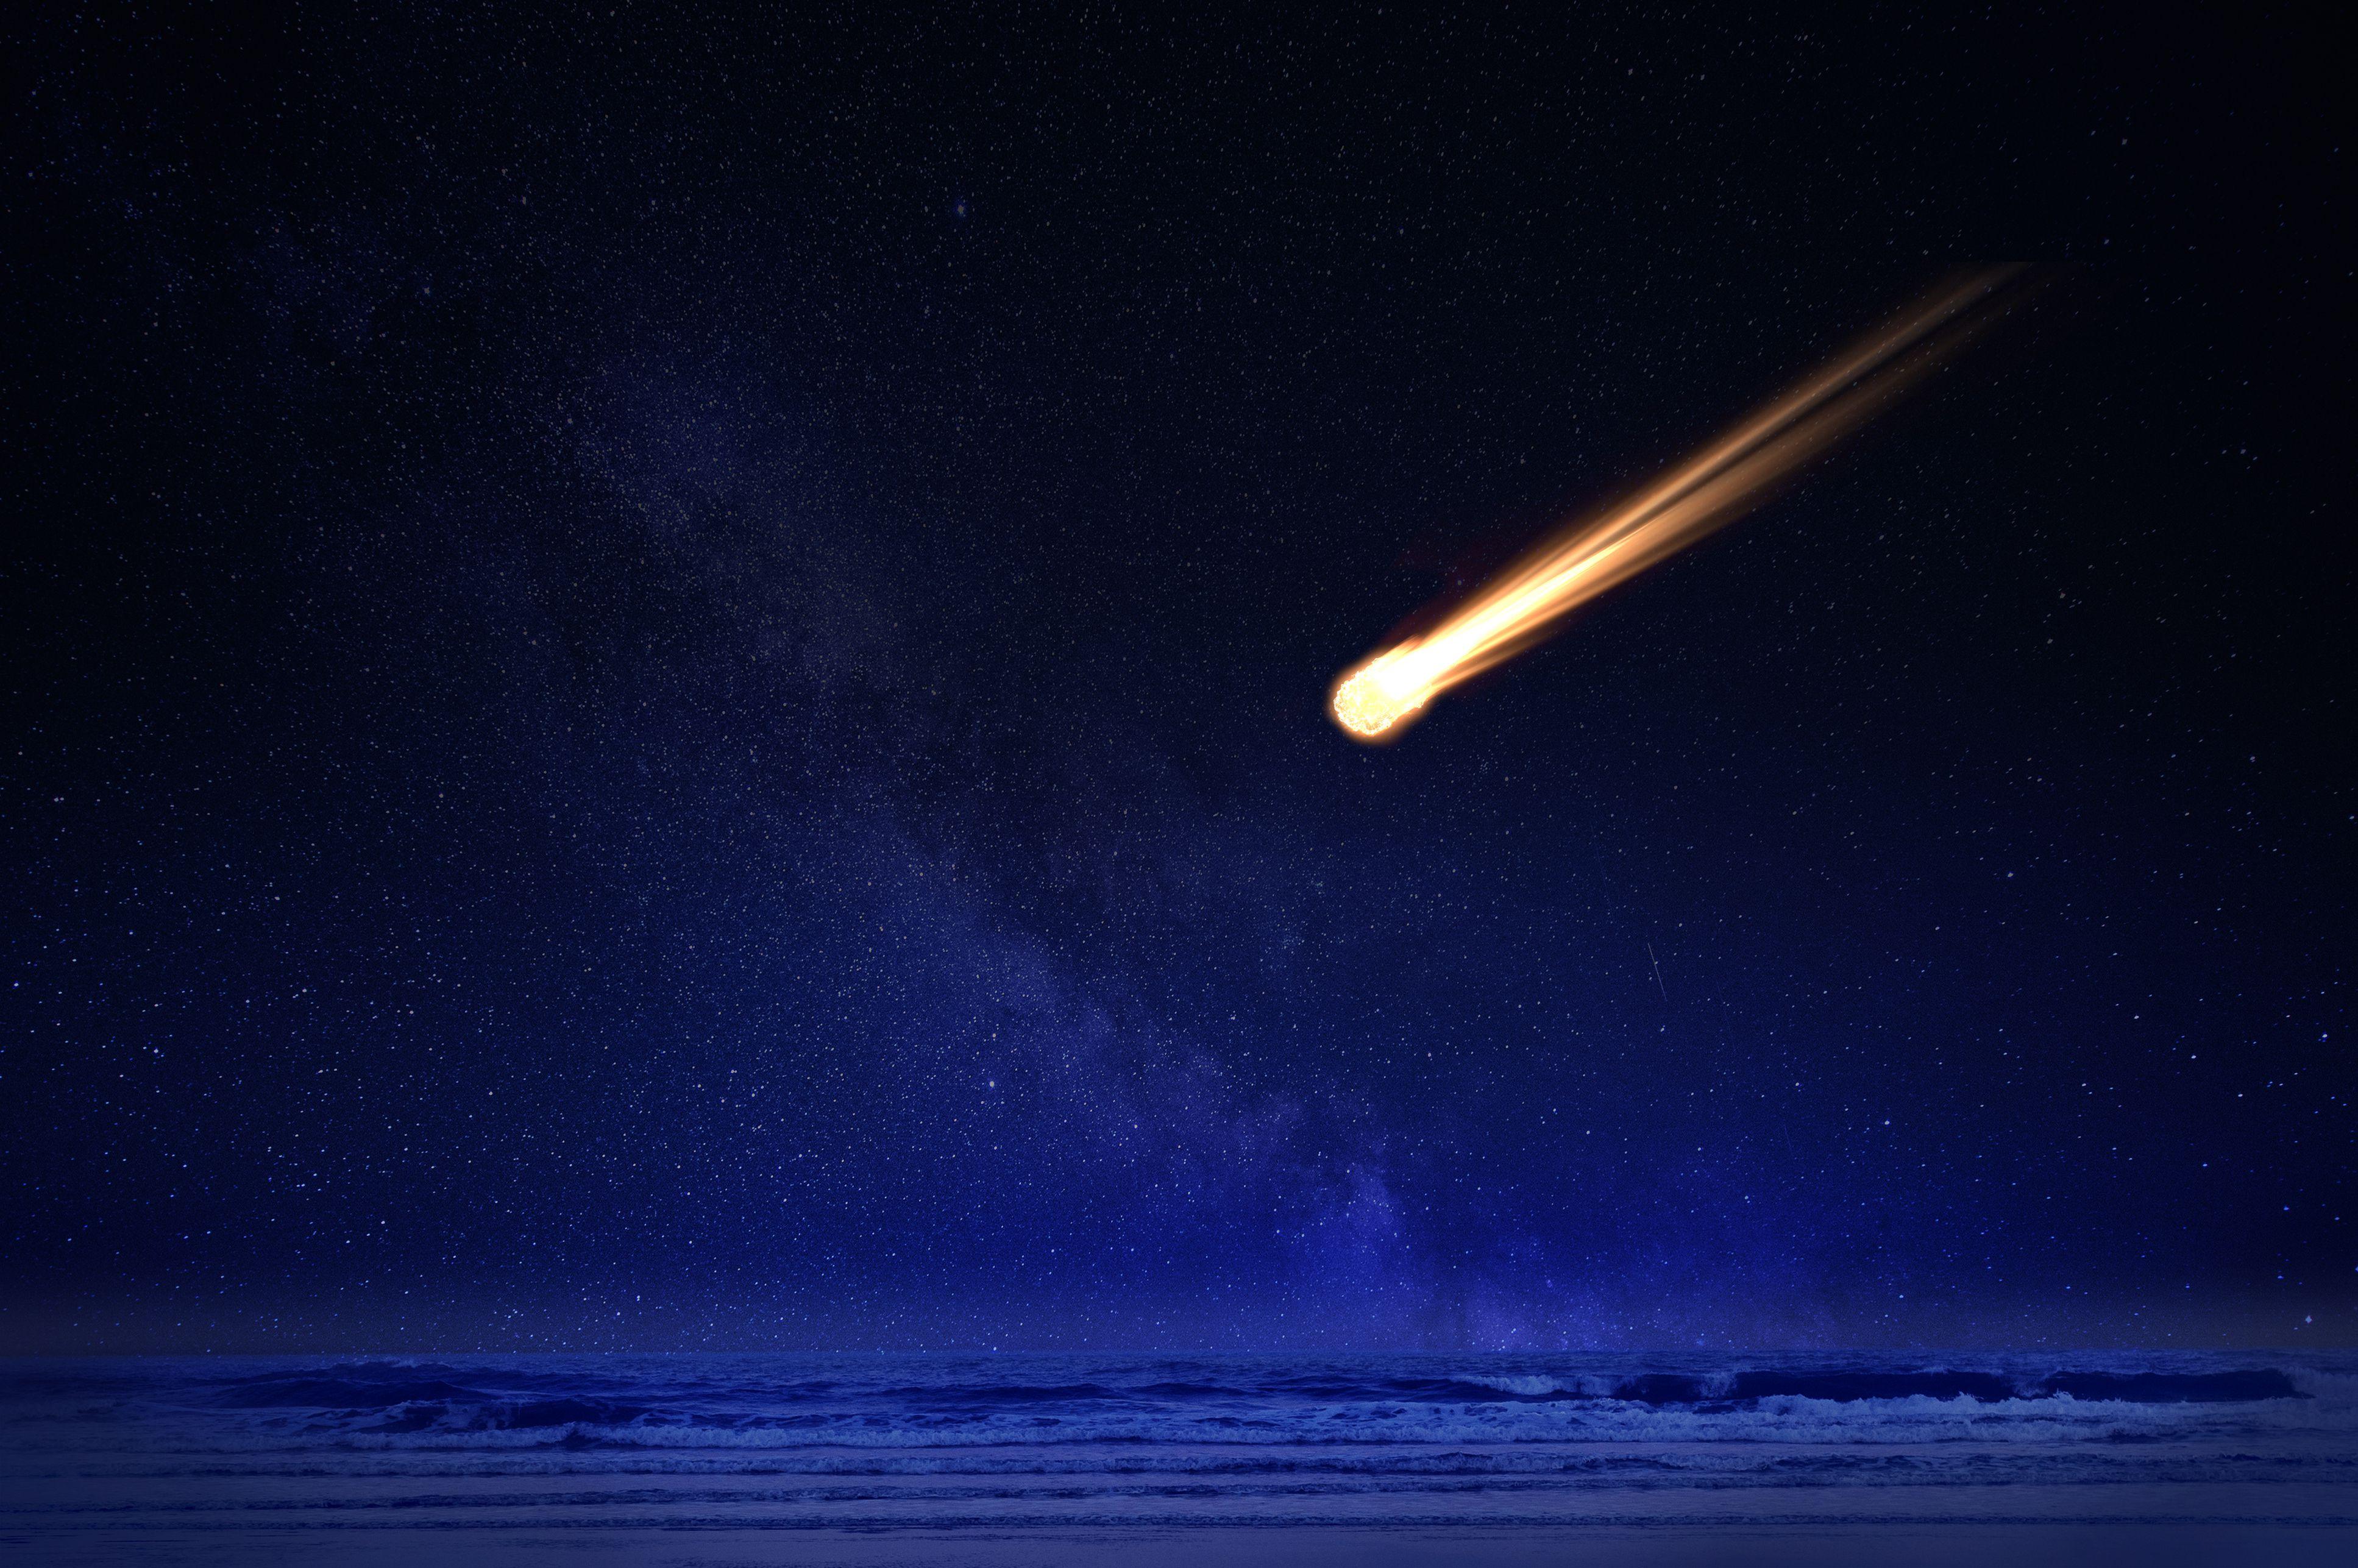 метеоры в космосе картинки использовать мобильное